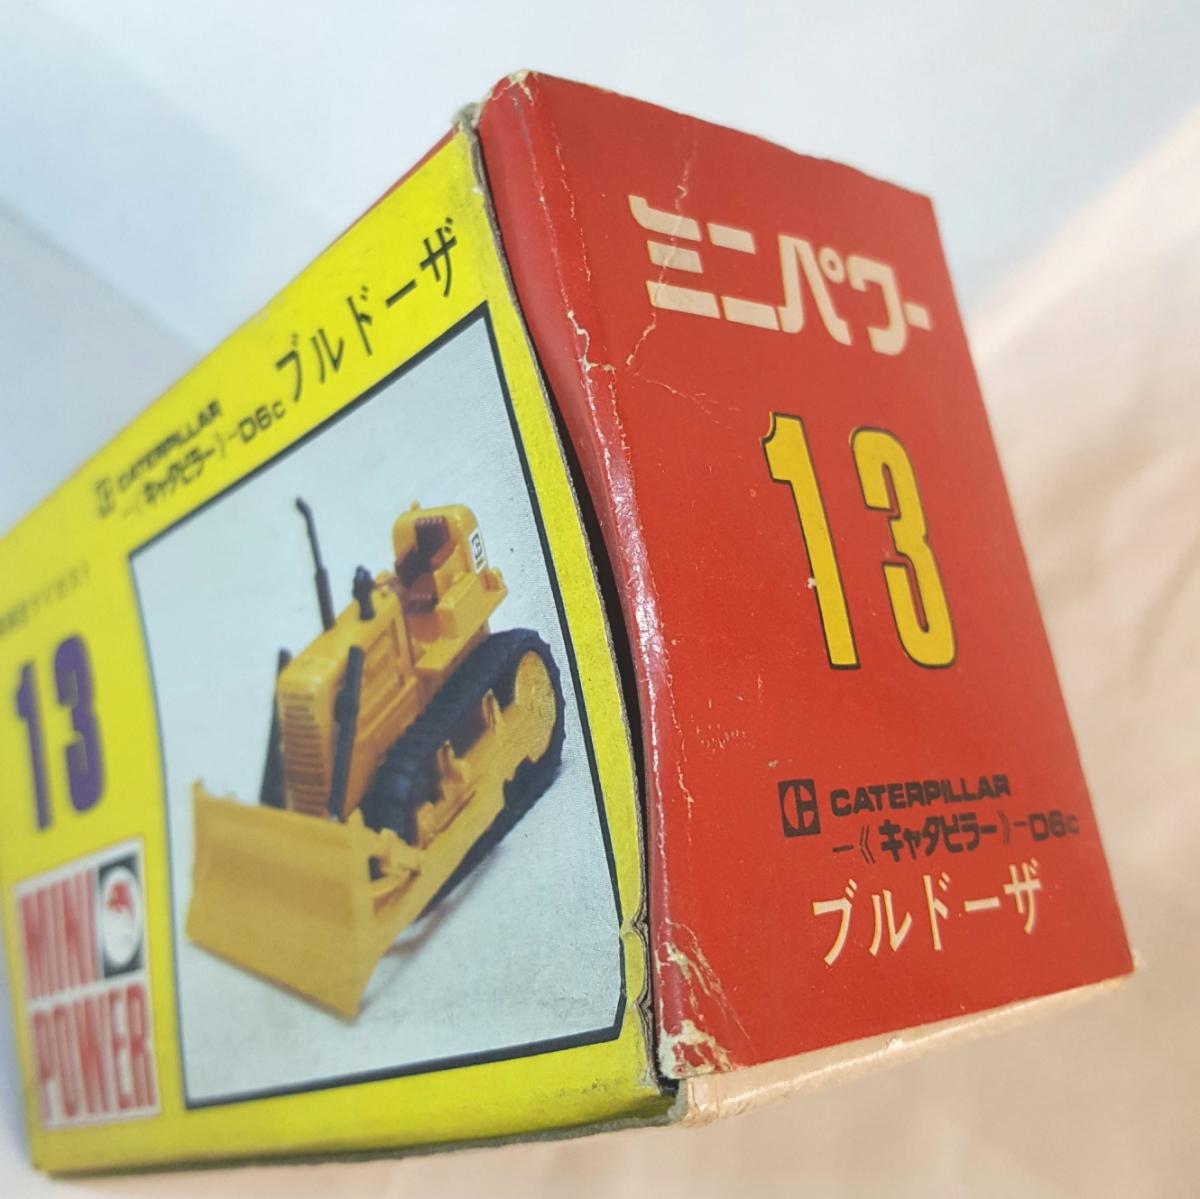 昭和 日本製 シンセイ ミニパワー 13 CATERPILLAR キャタピラー D6c ブルドーザ 52 CAT 未使用 正規品 SHINSEI MINI POWER ミニカー 超合金_画像6